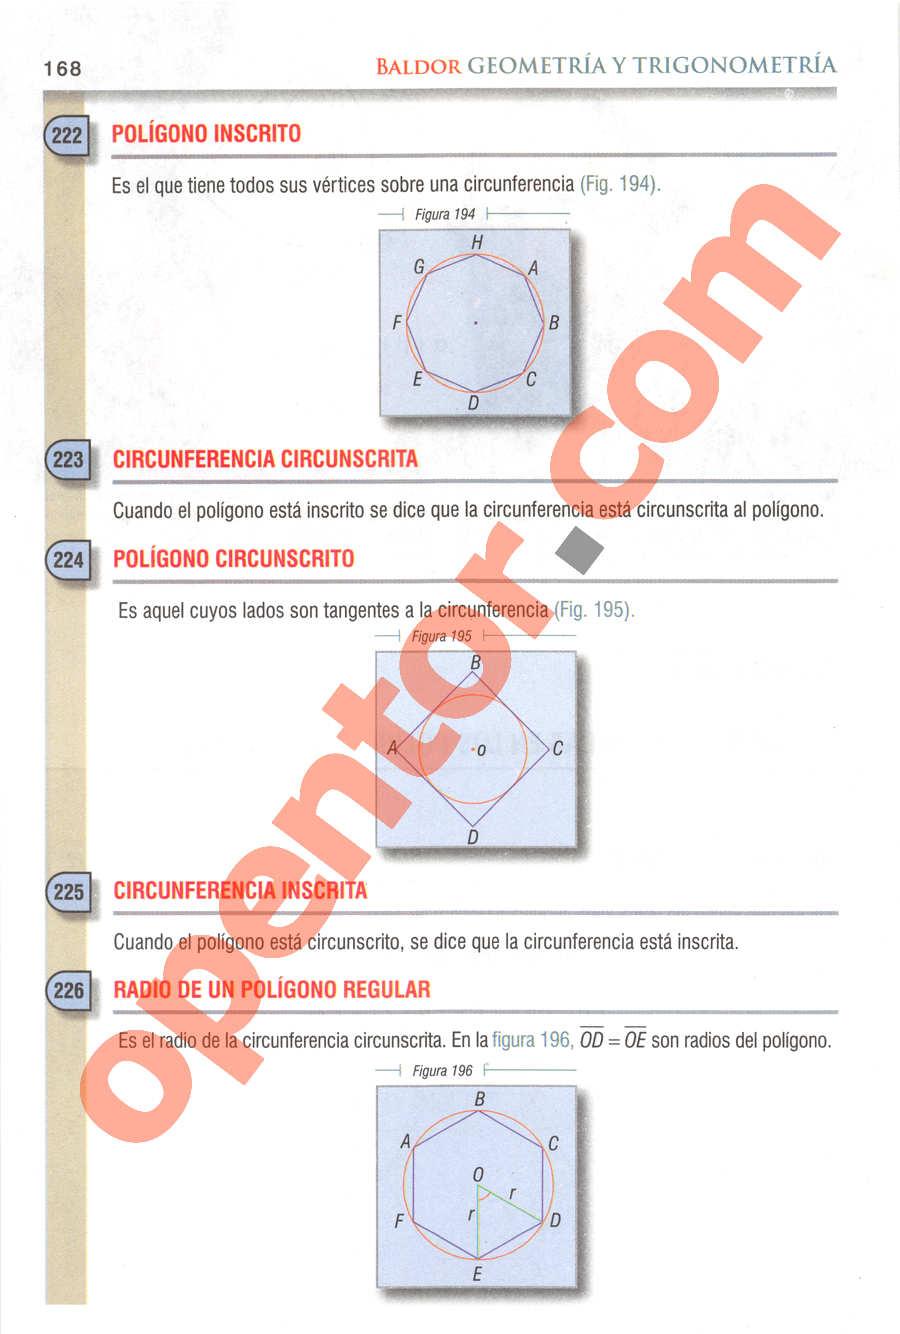 Geometría y Trigonometría de Baldor - Página 168